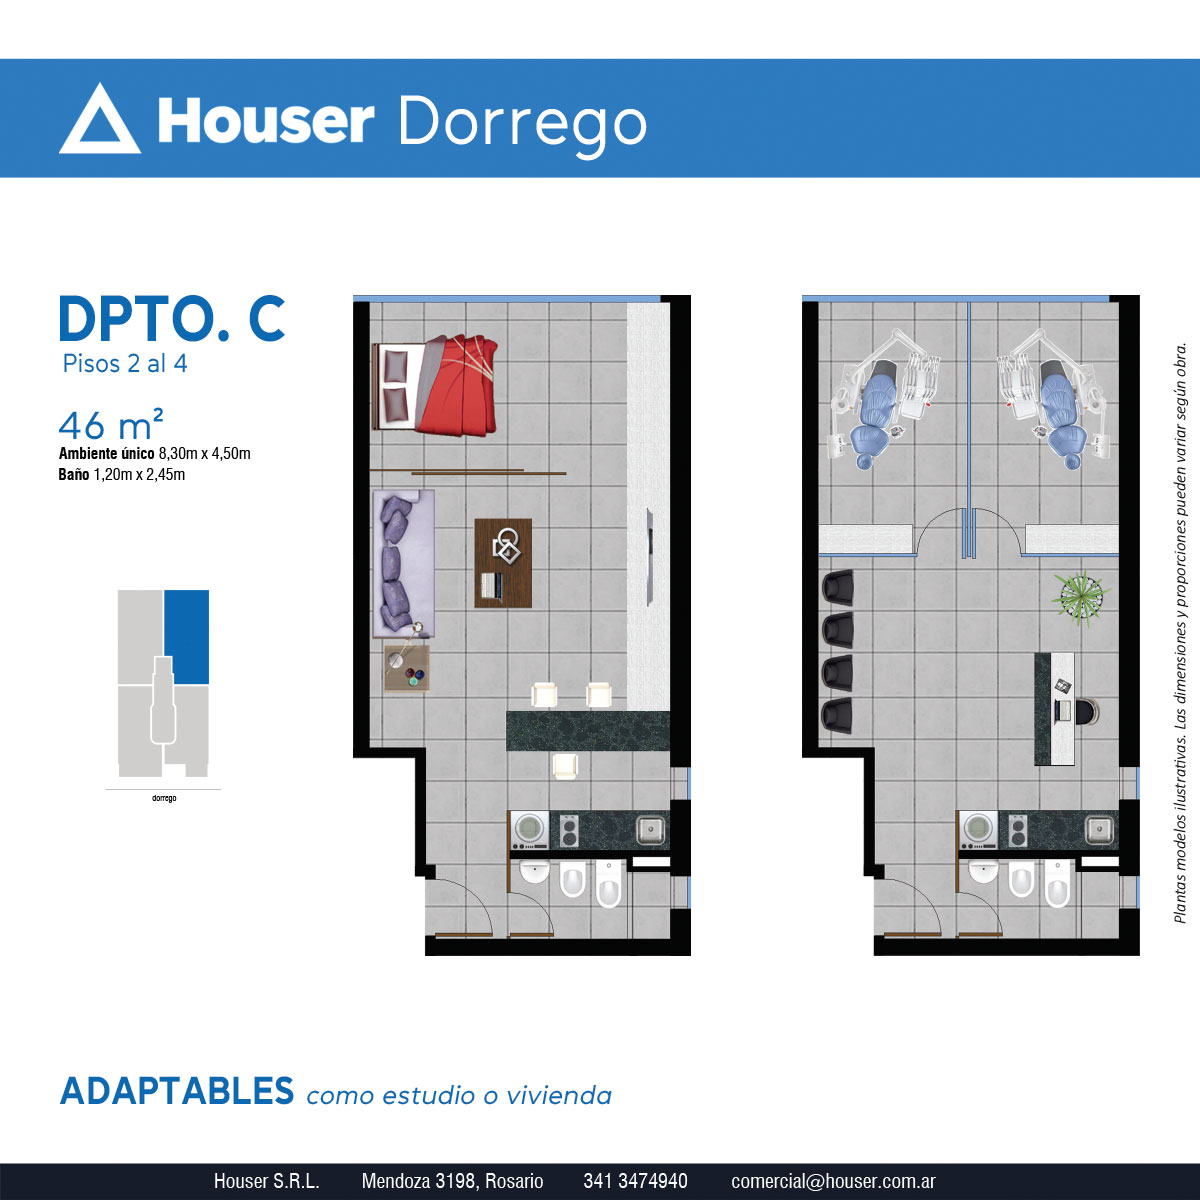 Plantas Houser Dorrego - Departamento C Pisos 2 a 4